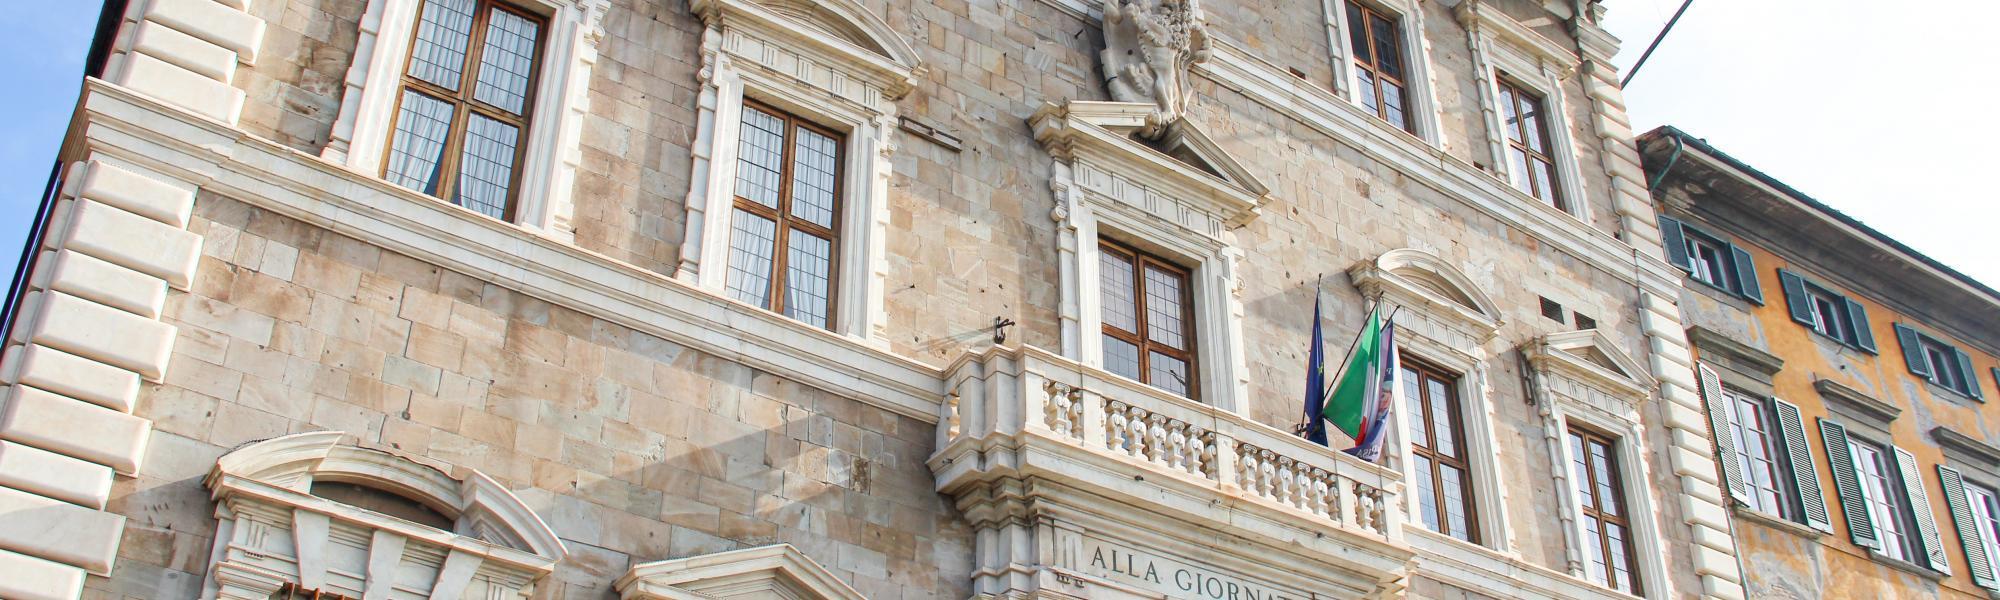 corcio facciata - Palazzo Lanfreducci detto 'Alla Giornata' (G. Bettini, Comune di Pisa)